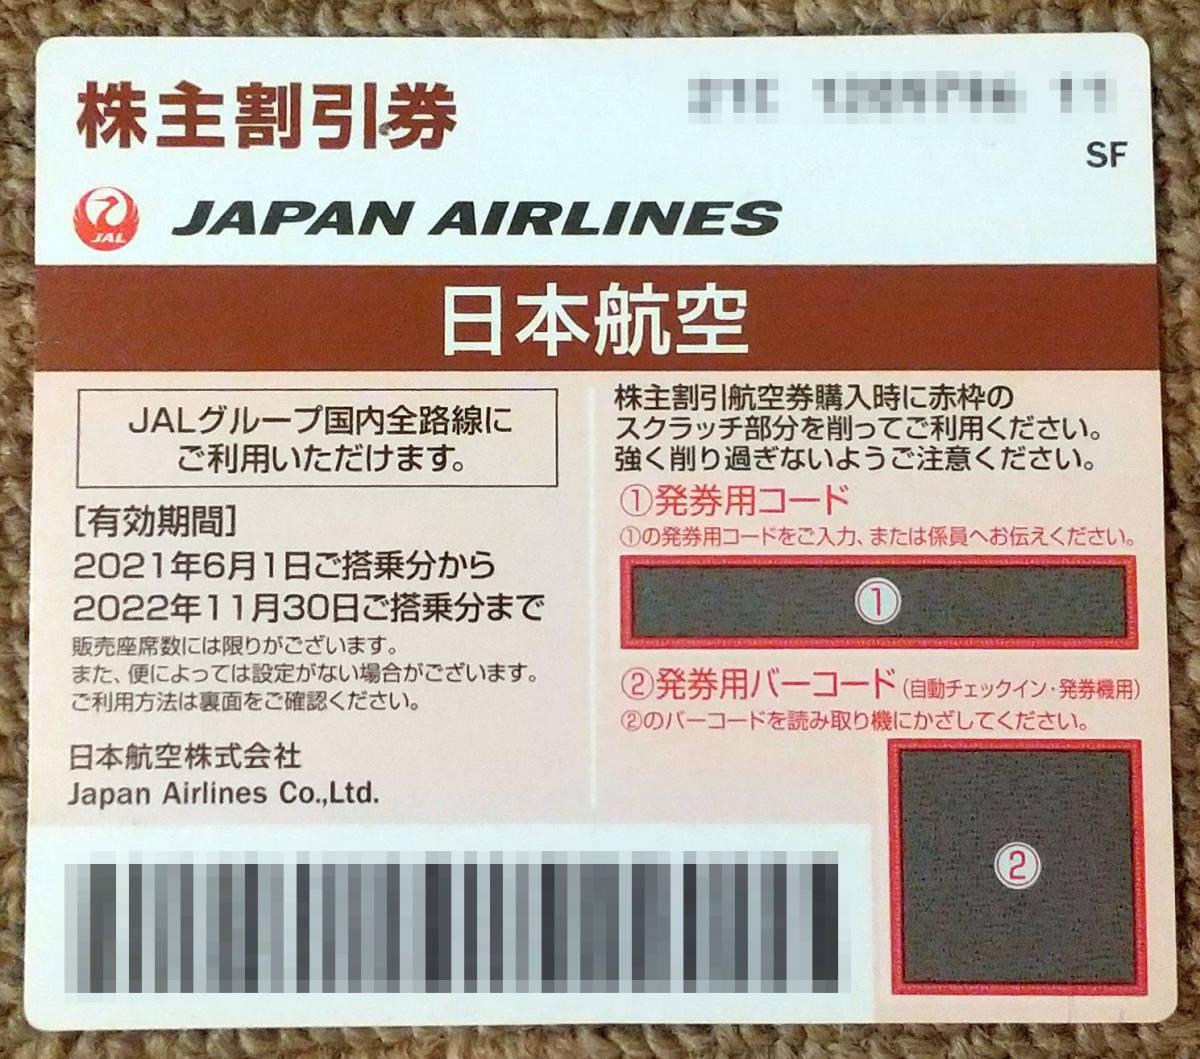 最新 JAL 日本航空 株主優待券 株主割引券 1枚 期限2022/11/30まで有効 未使用_画像1